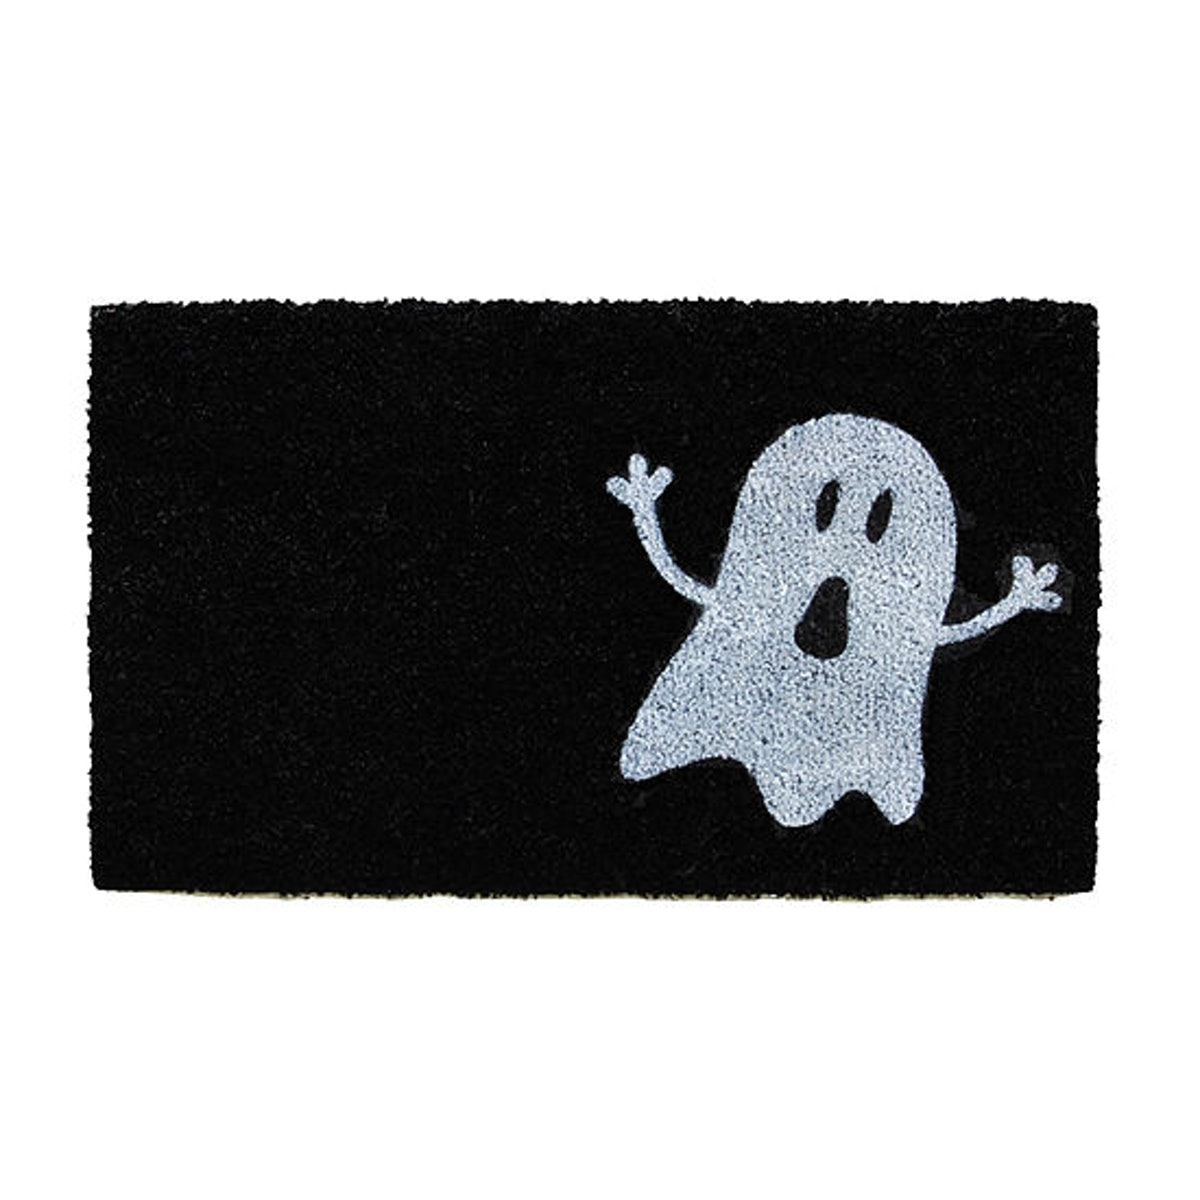 Calloway Mills Black/White Ghost Rectangular Outdoor Doormat